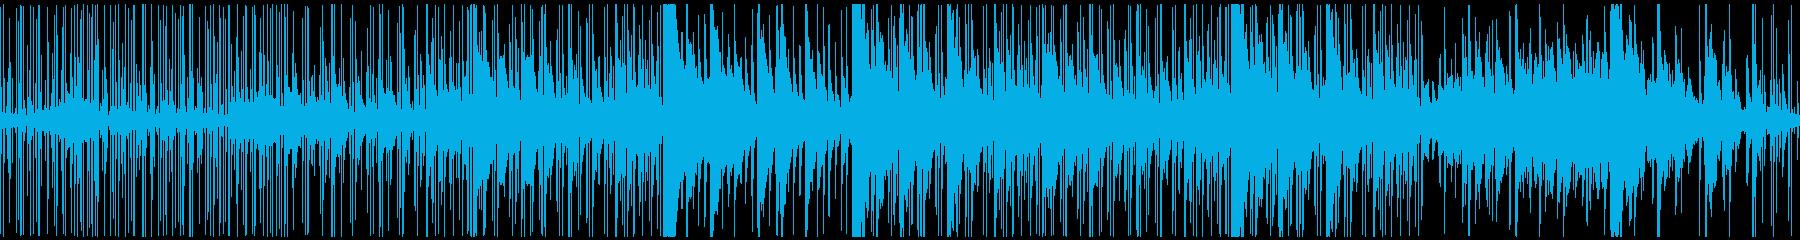 【ゲーム向け】町・村・ダンジョン等にの再生済みの波形